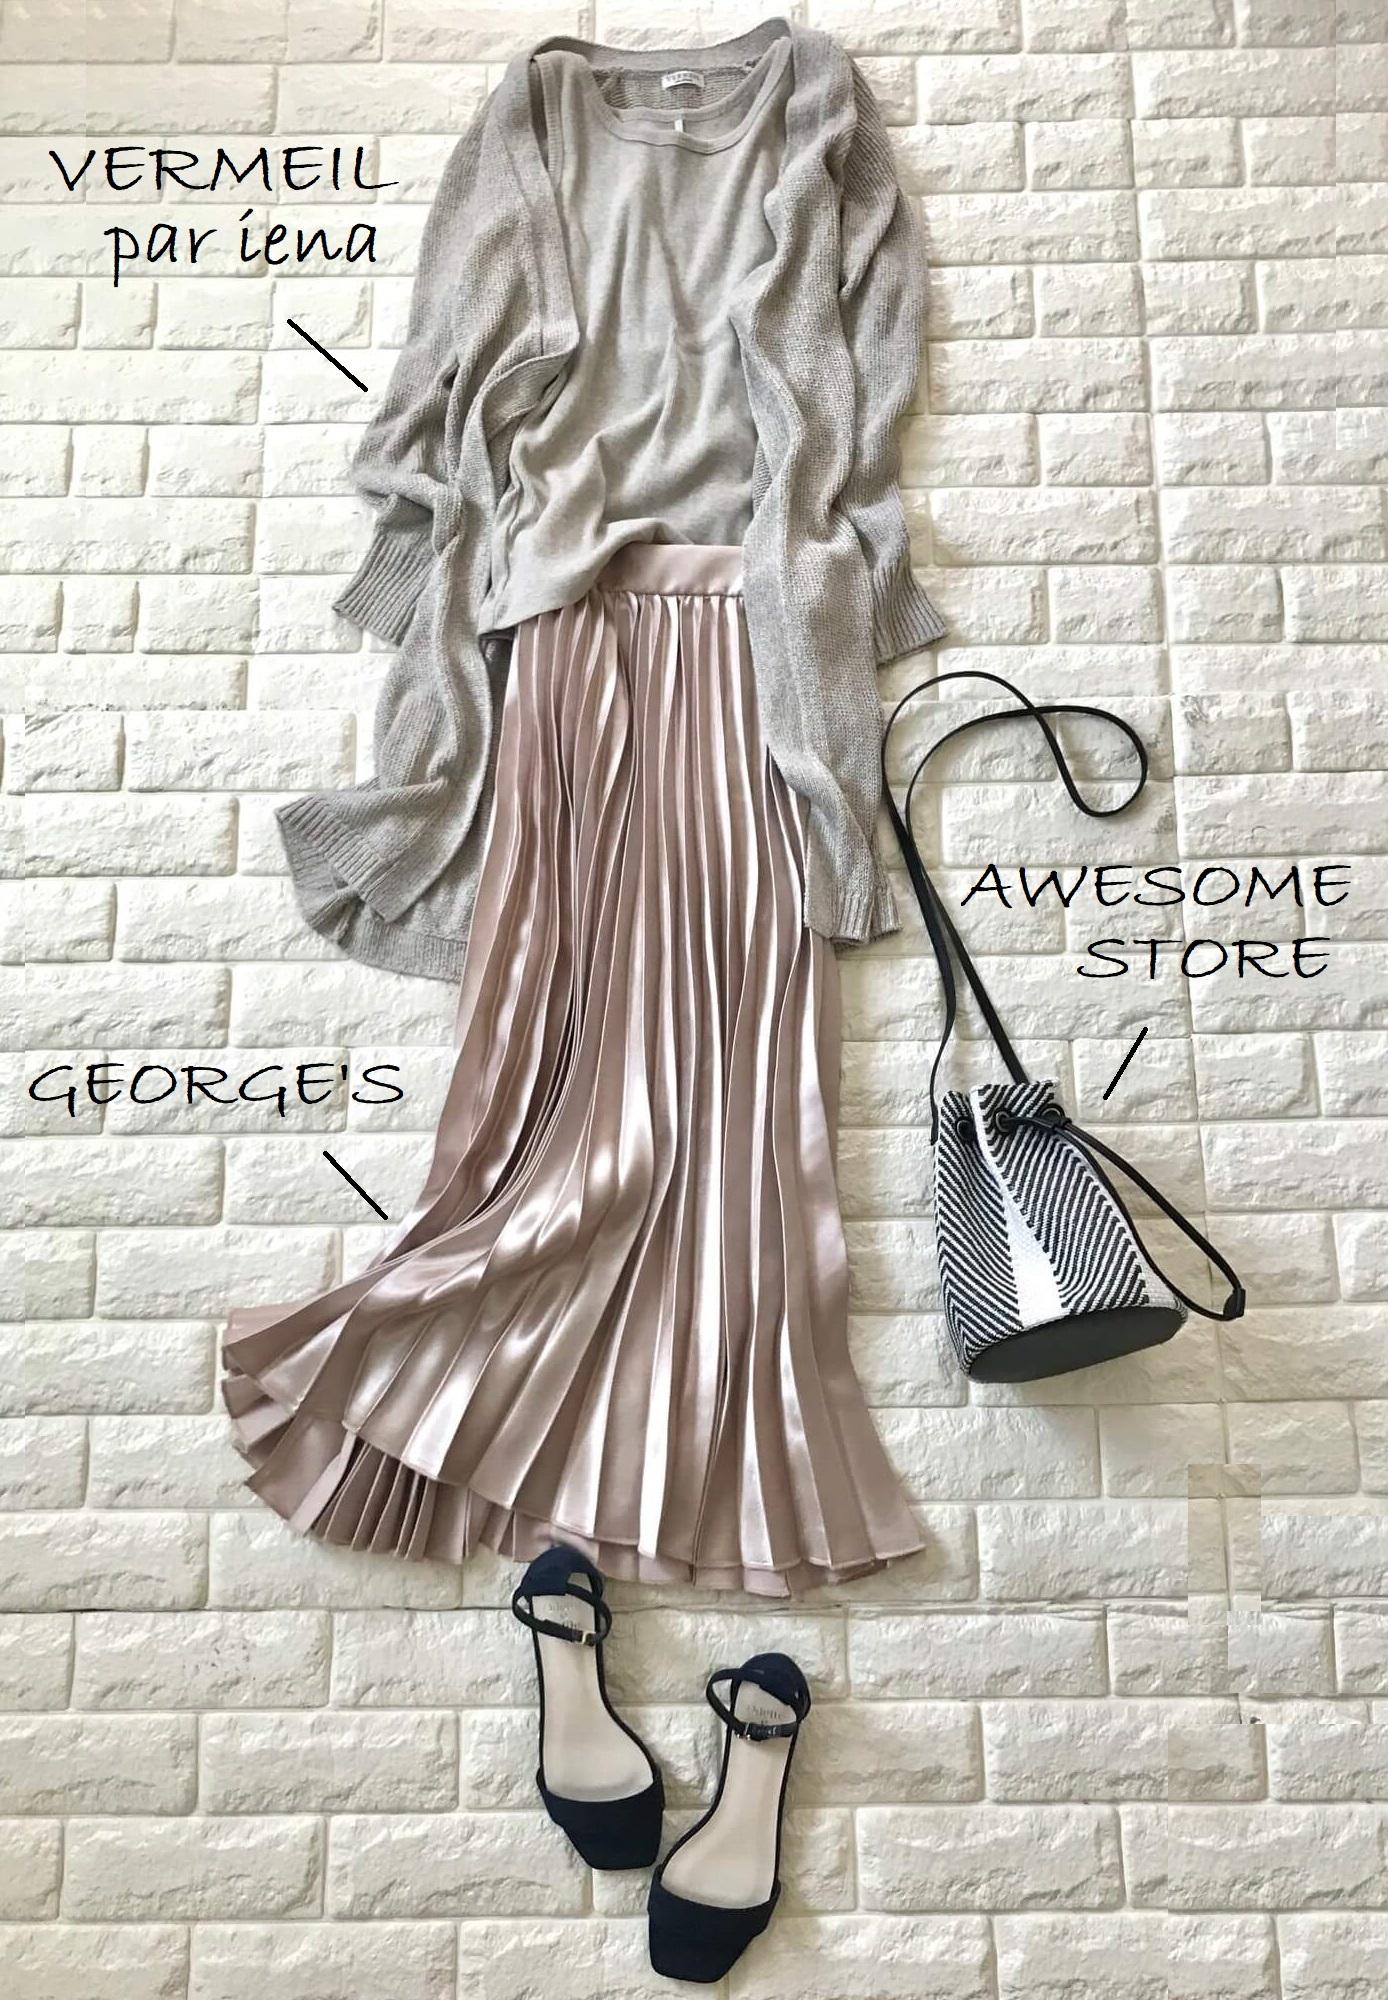 オデットエオディールのサンダルとピンクのスカートを合わせた画像